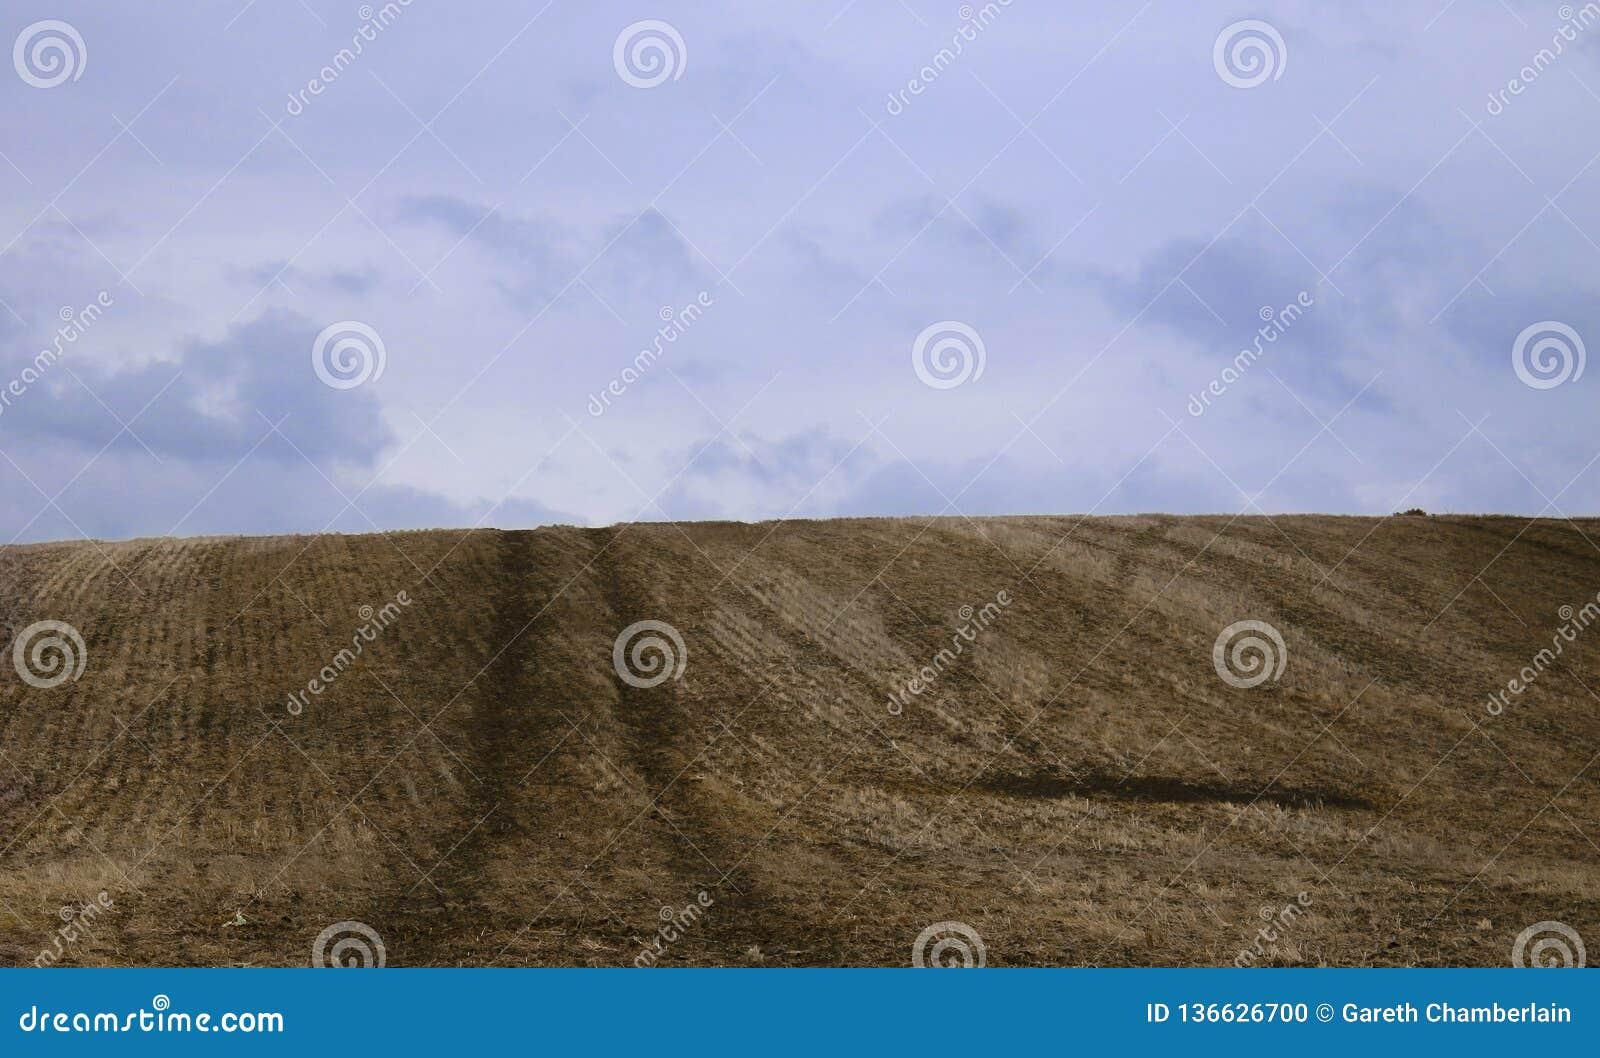 Sobre la colina están los cielos azules para siempre